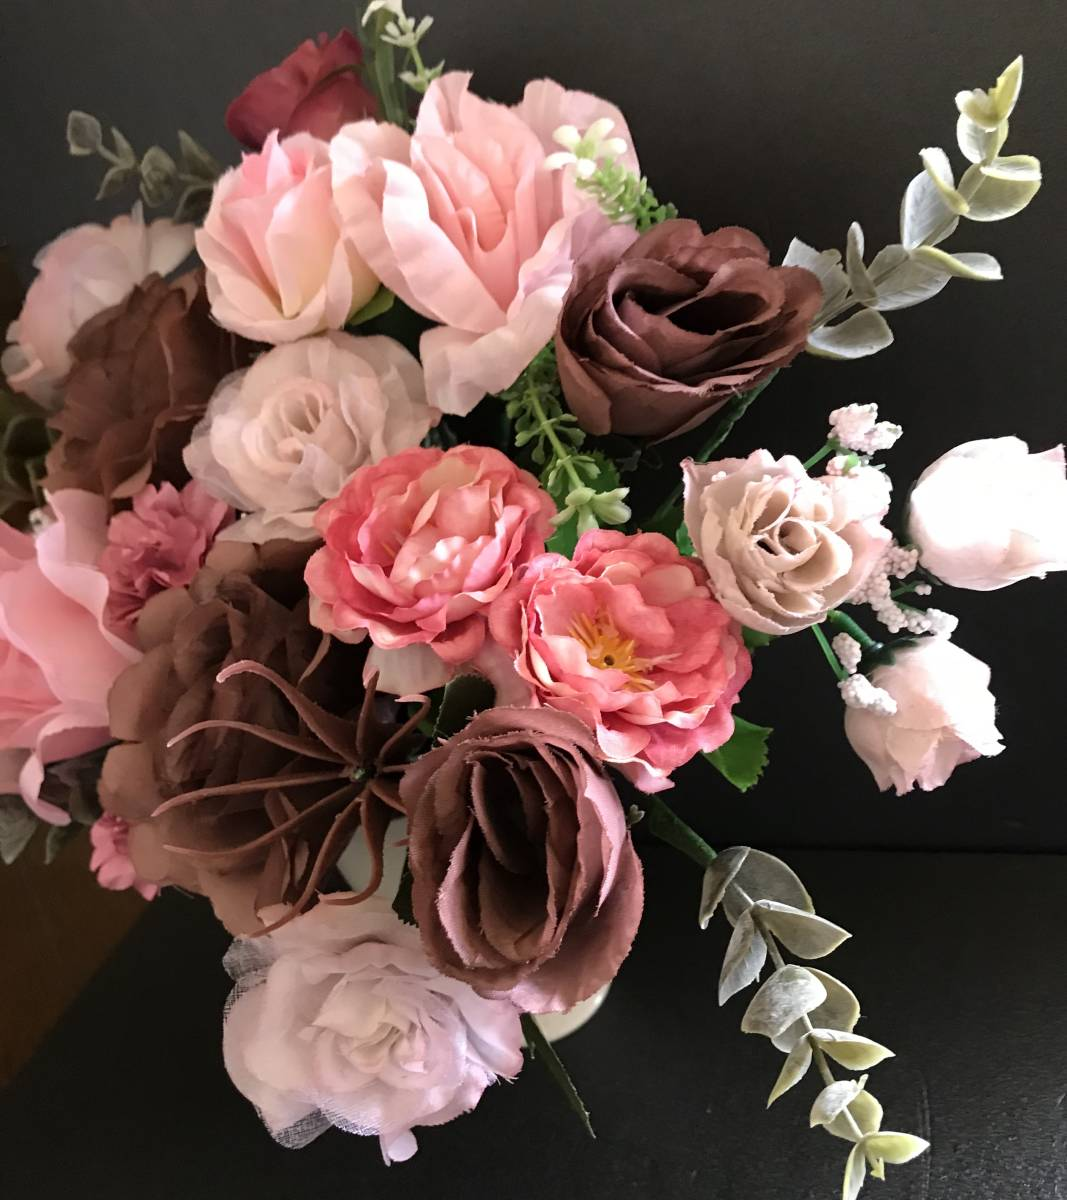 pretty flower�x�[�W���Ԋ�`���R���[�g�u���E���ƃ~���N�e�B�[�s���N���K�N�t�F�~�j���A�����W Image5